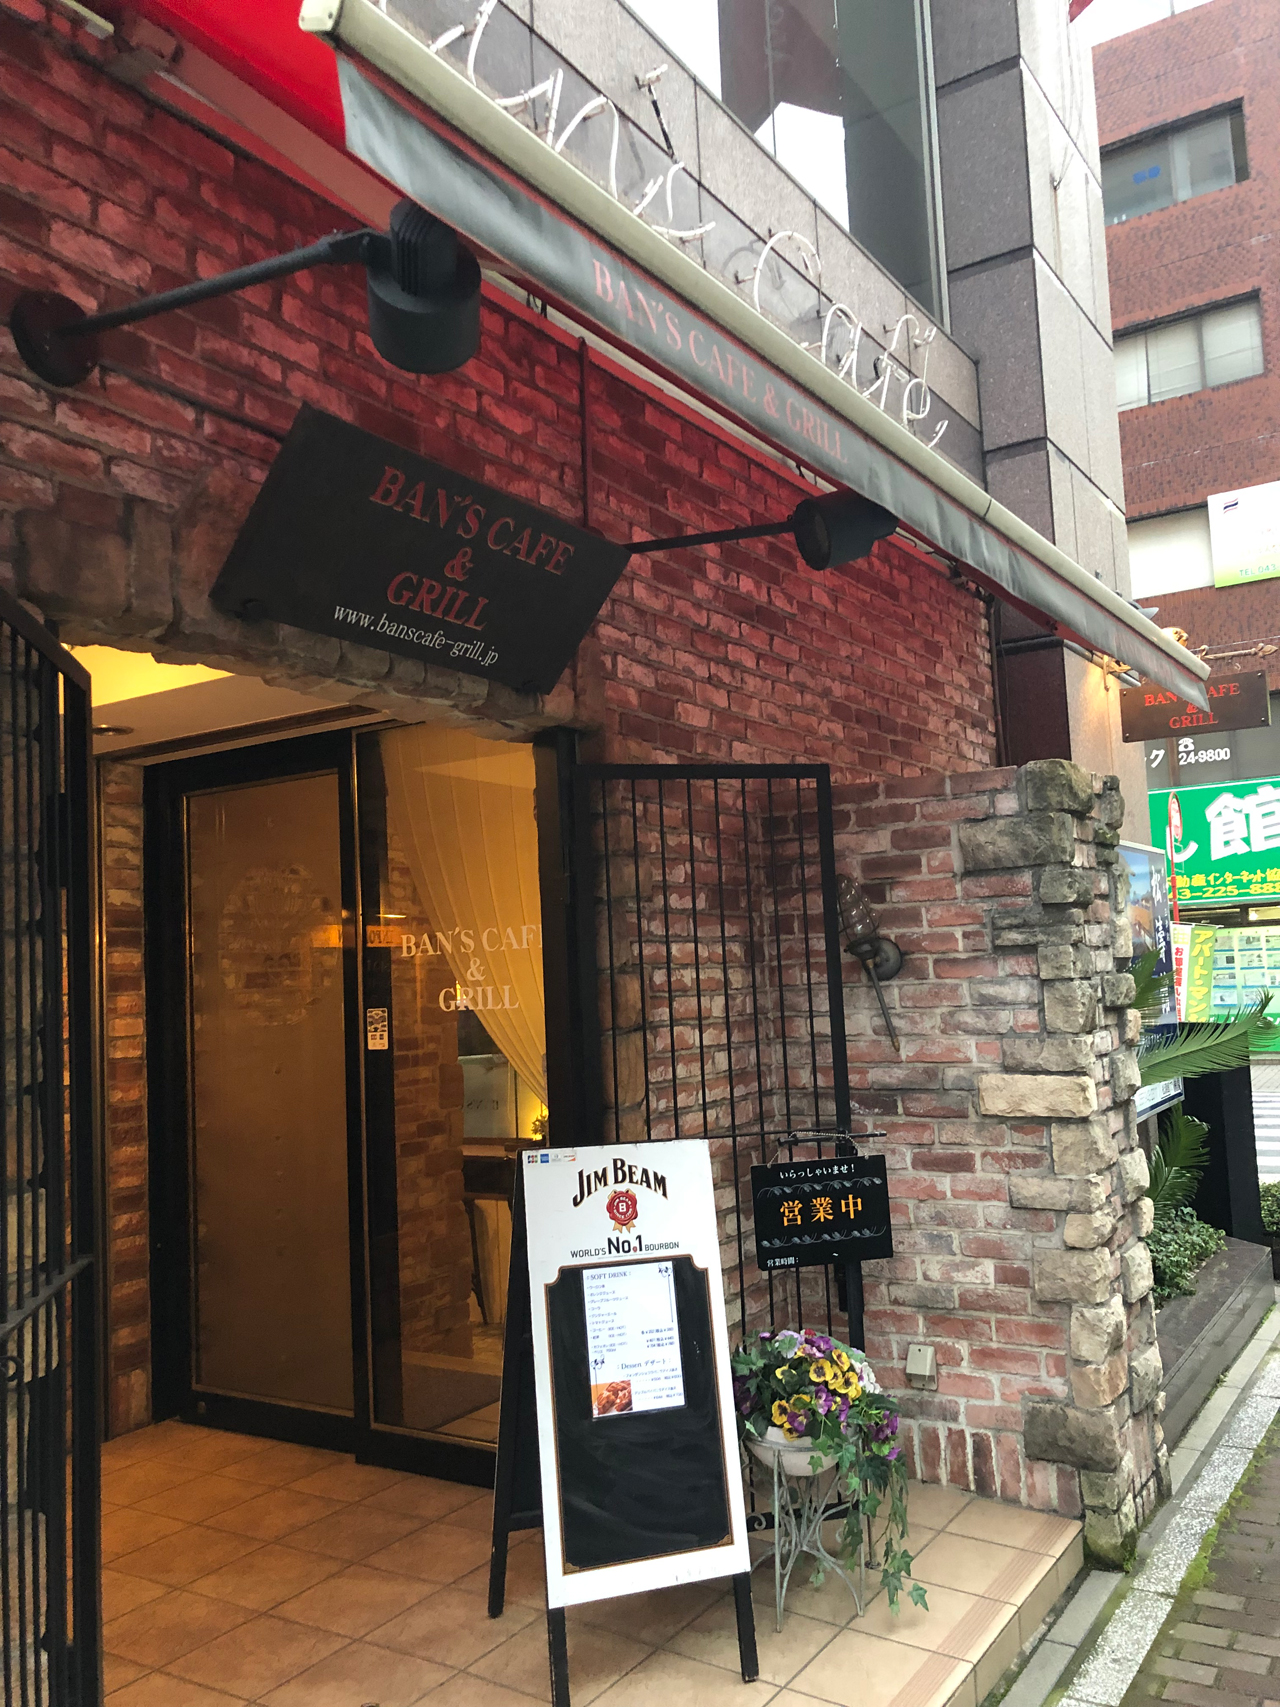 バンズカフェ&グリルの投稿写真1